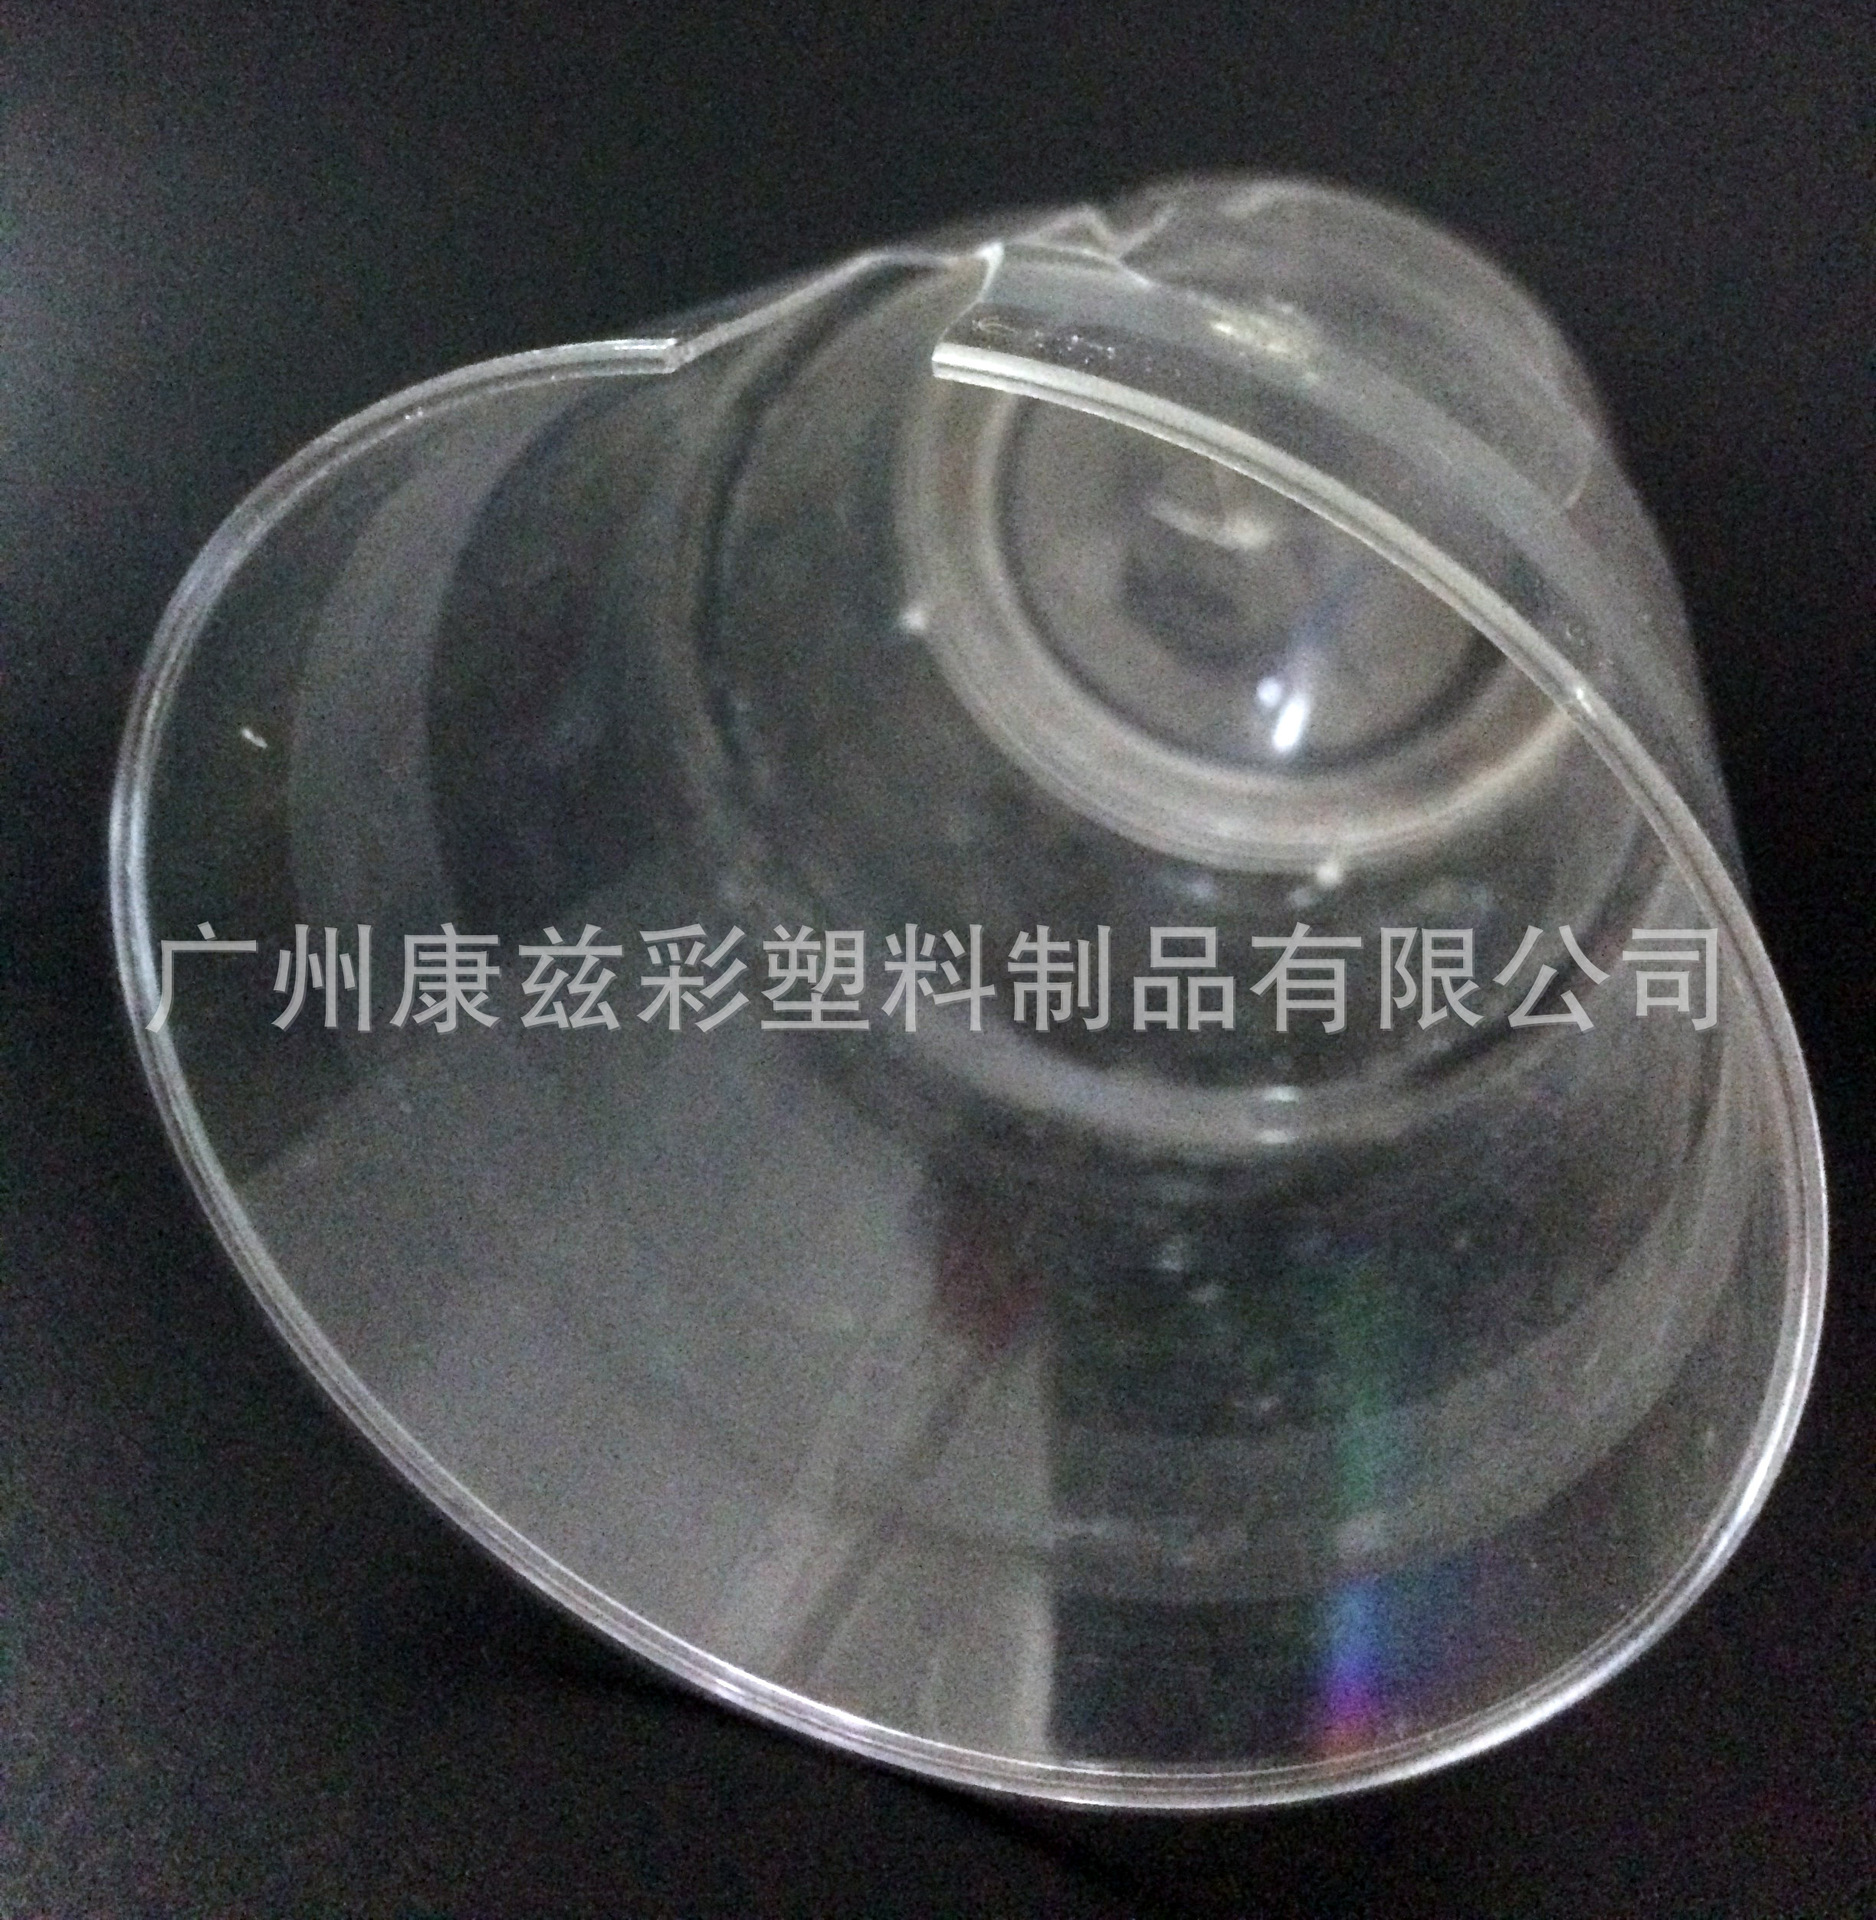 加厚一次性塑杯航空杯塑料杯透明杯一次性水杯家用1000只航空杯